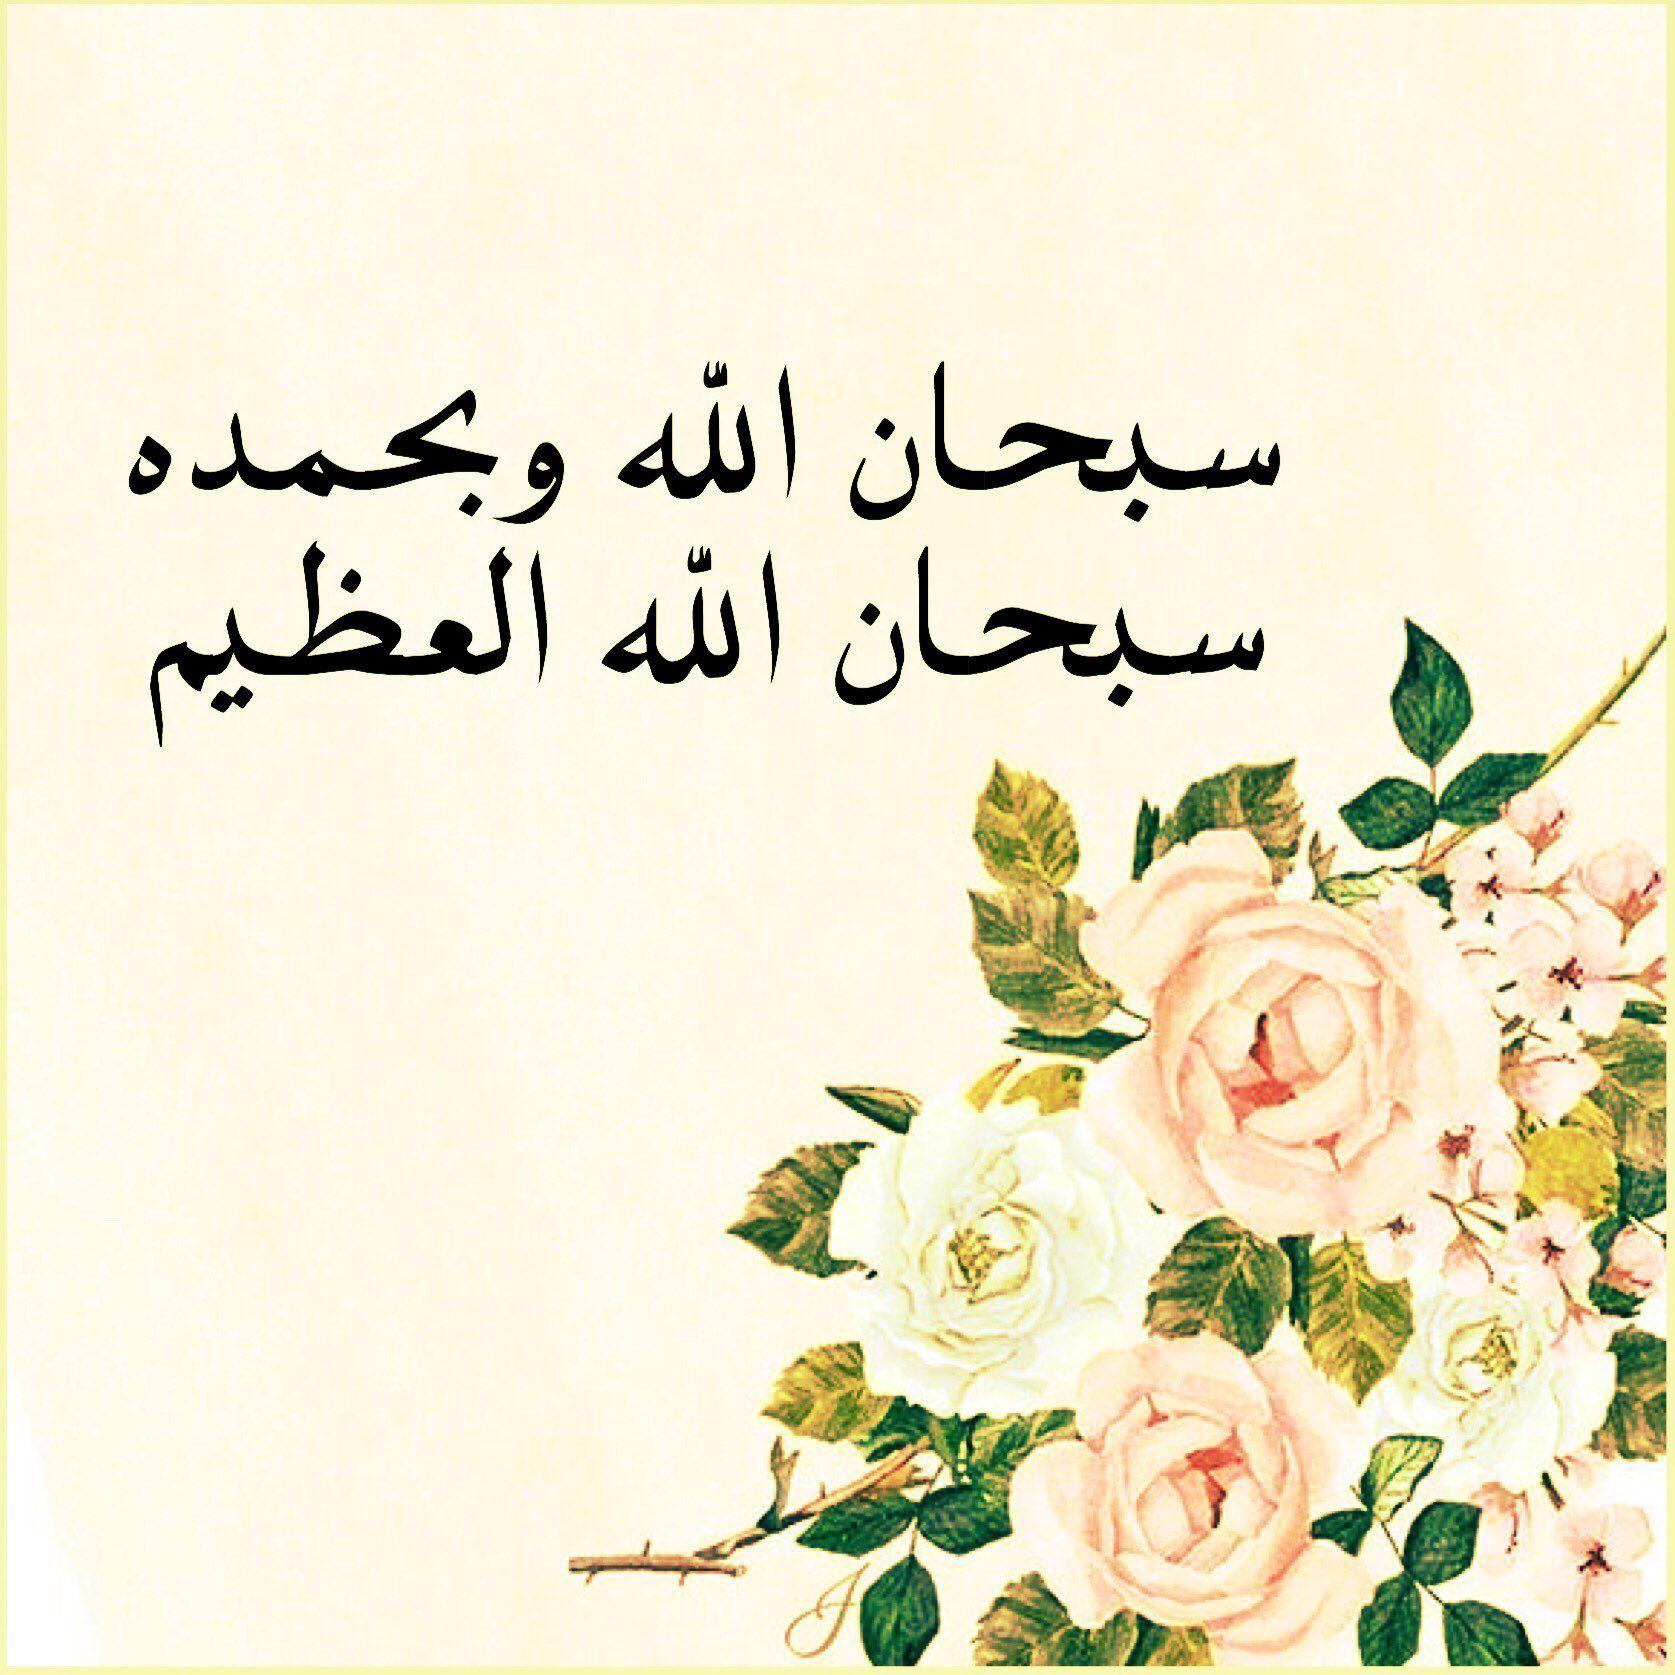 سبحان الله وبحمده سبحان الله العظيم Doa Islam Arabic Calligraphy Quran